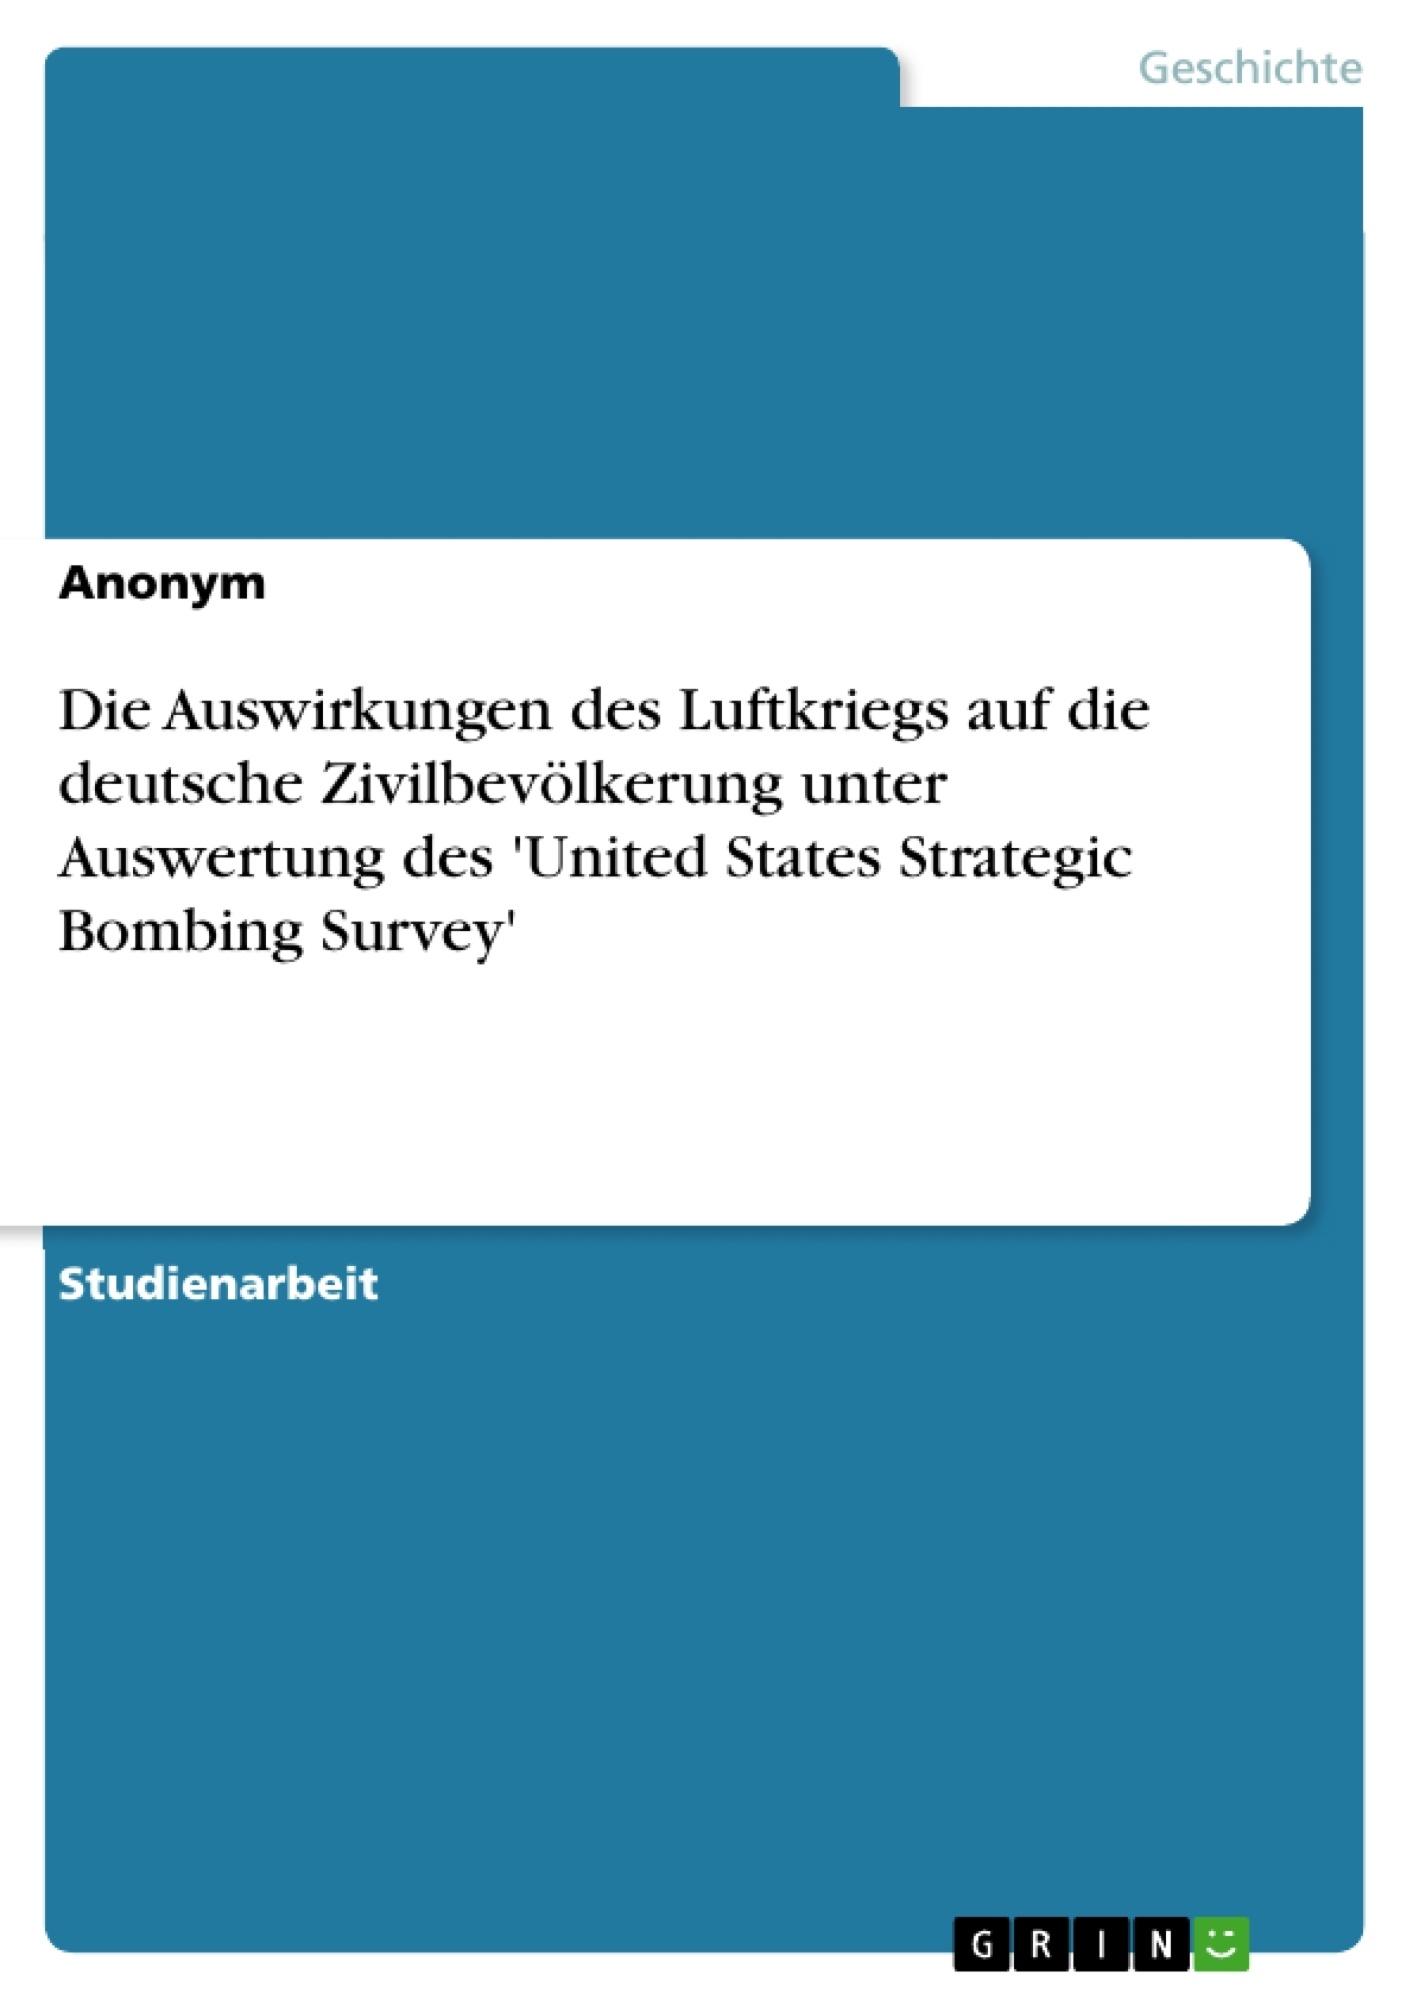 Titel: Die Auswirkungen des Luftkriegs auf die deutsche Zivilbevölkerung unter Auswertung des 'United States Strategic Bombing Survey'